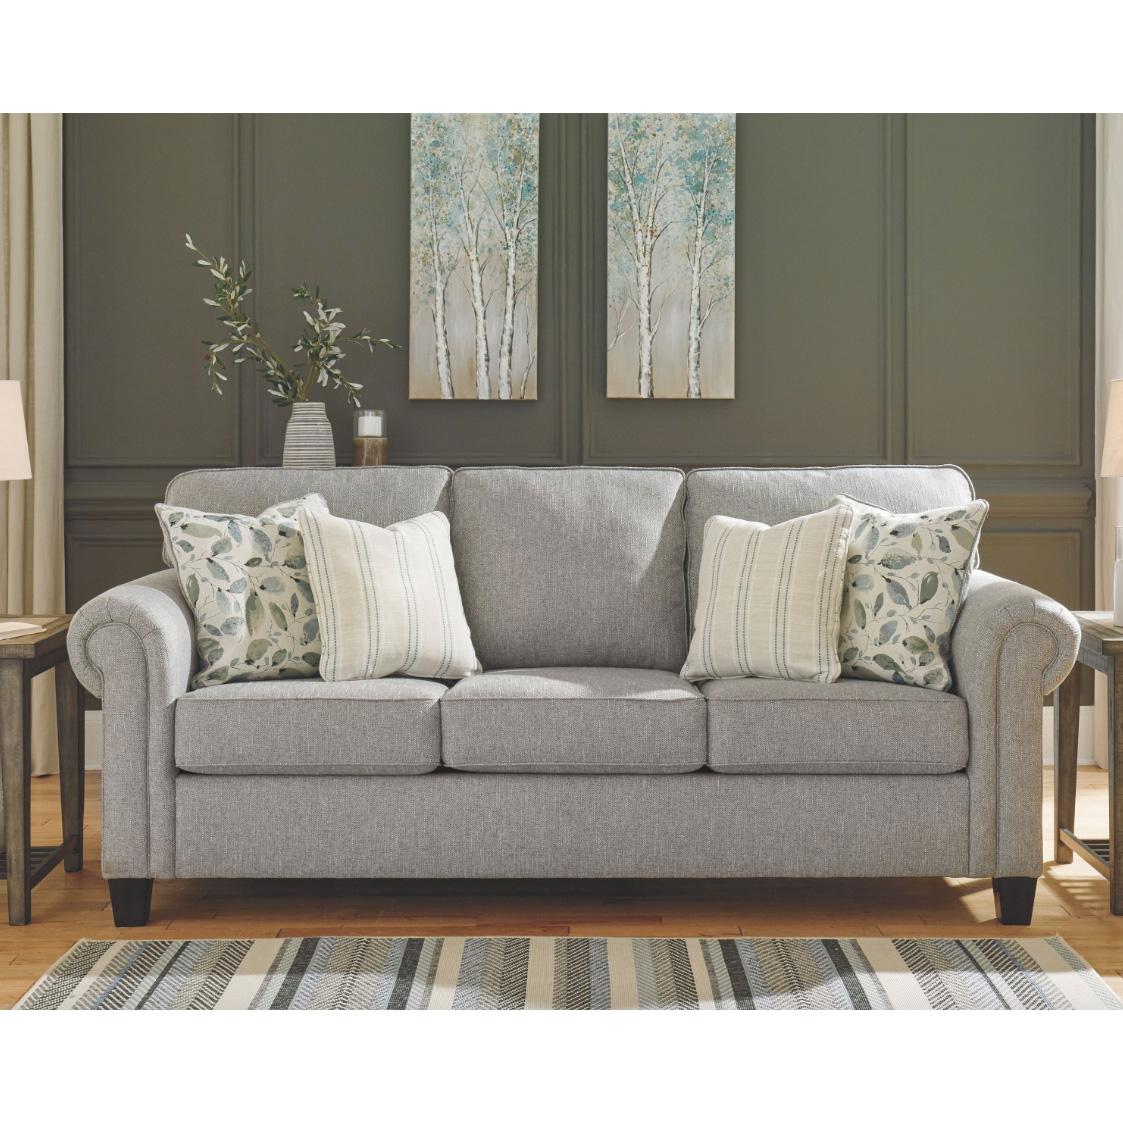 Alandari - Gray - Sofa